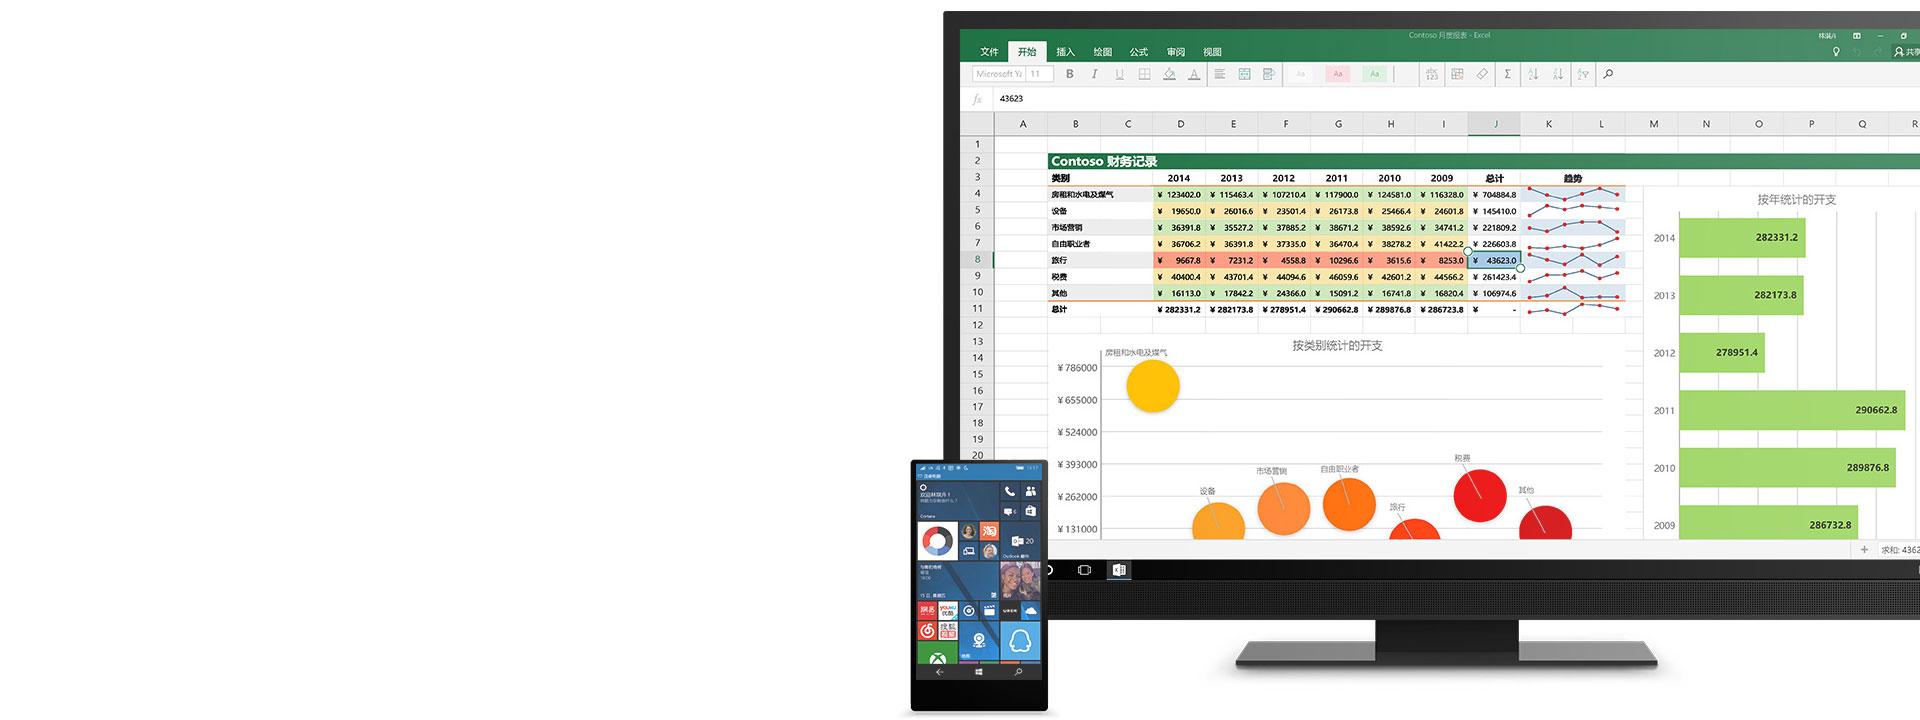 """:呈现""""开始""""菜单的支持 Continuum 的 Windows 10 PC 和手机"""